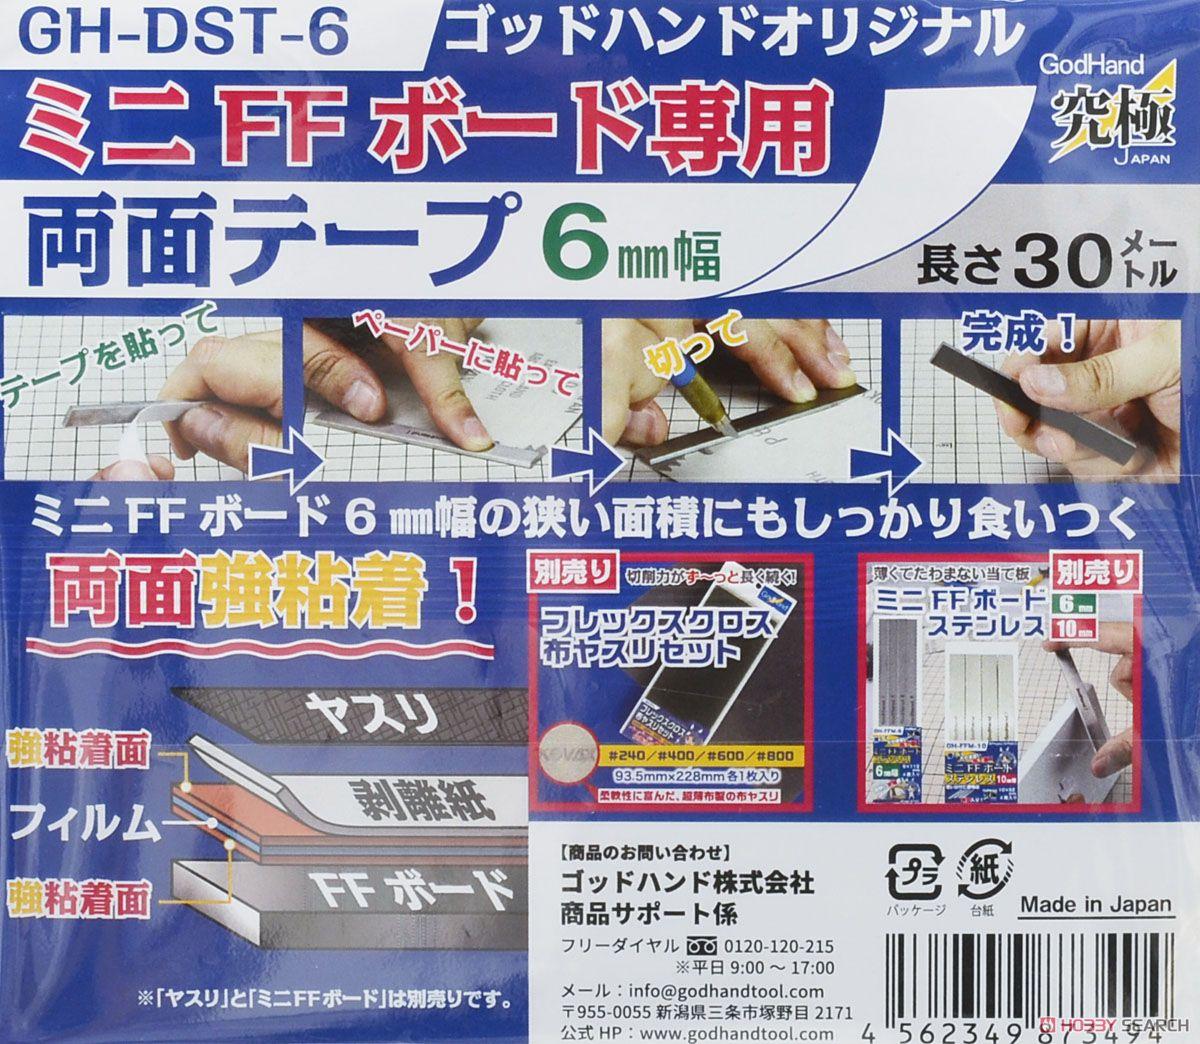 ミニFFボード専用 両面テープ 6mm幅 (工具)